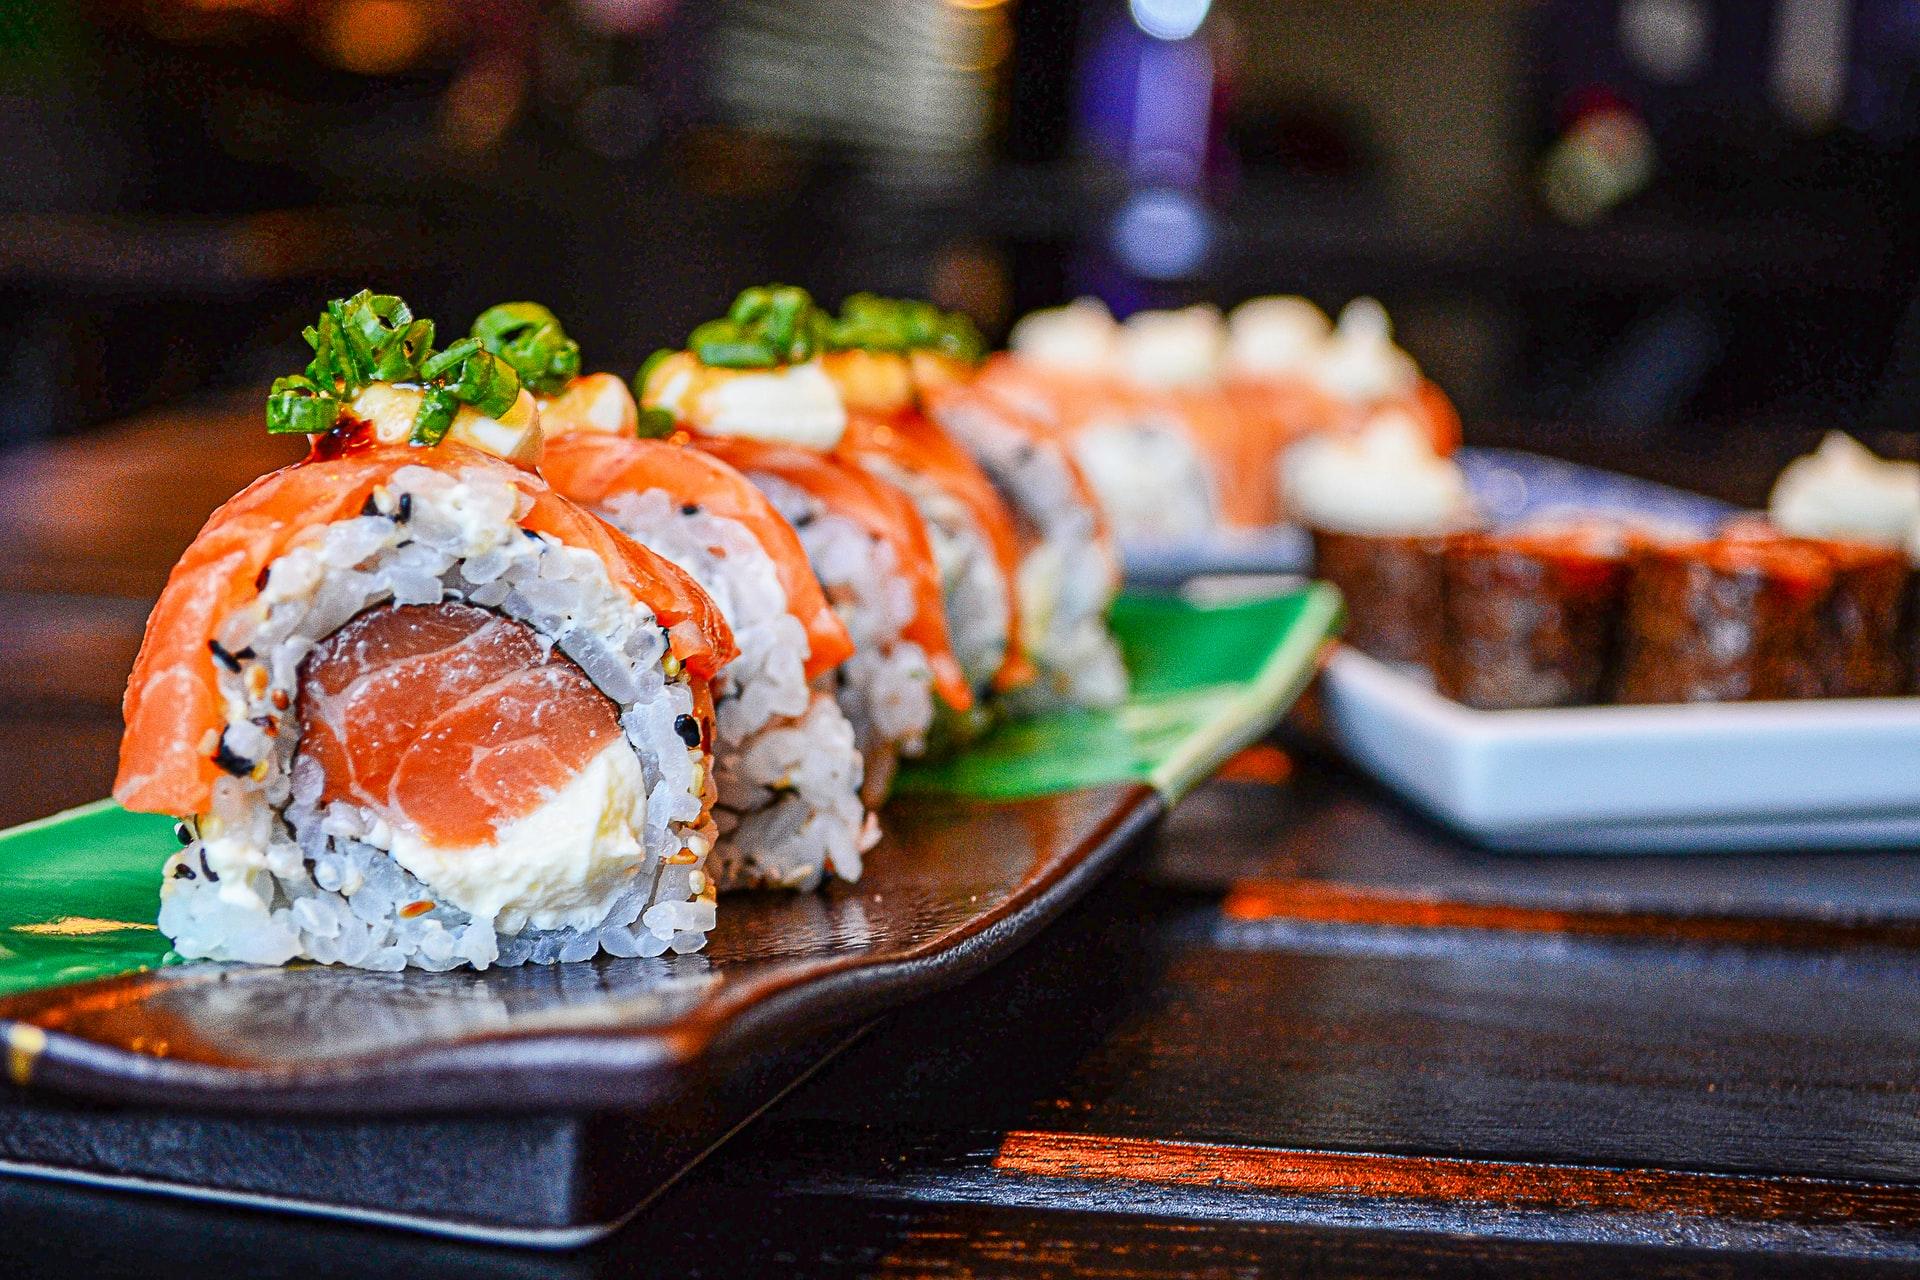 thumbnail image for blog Don't Miss the Hawaiian Roll at Khin's Sushi